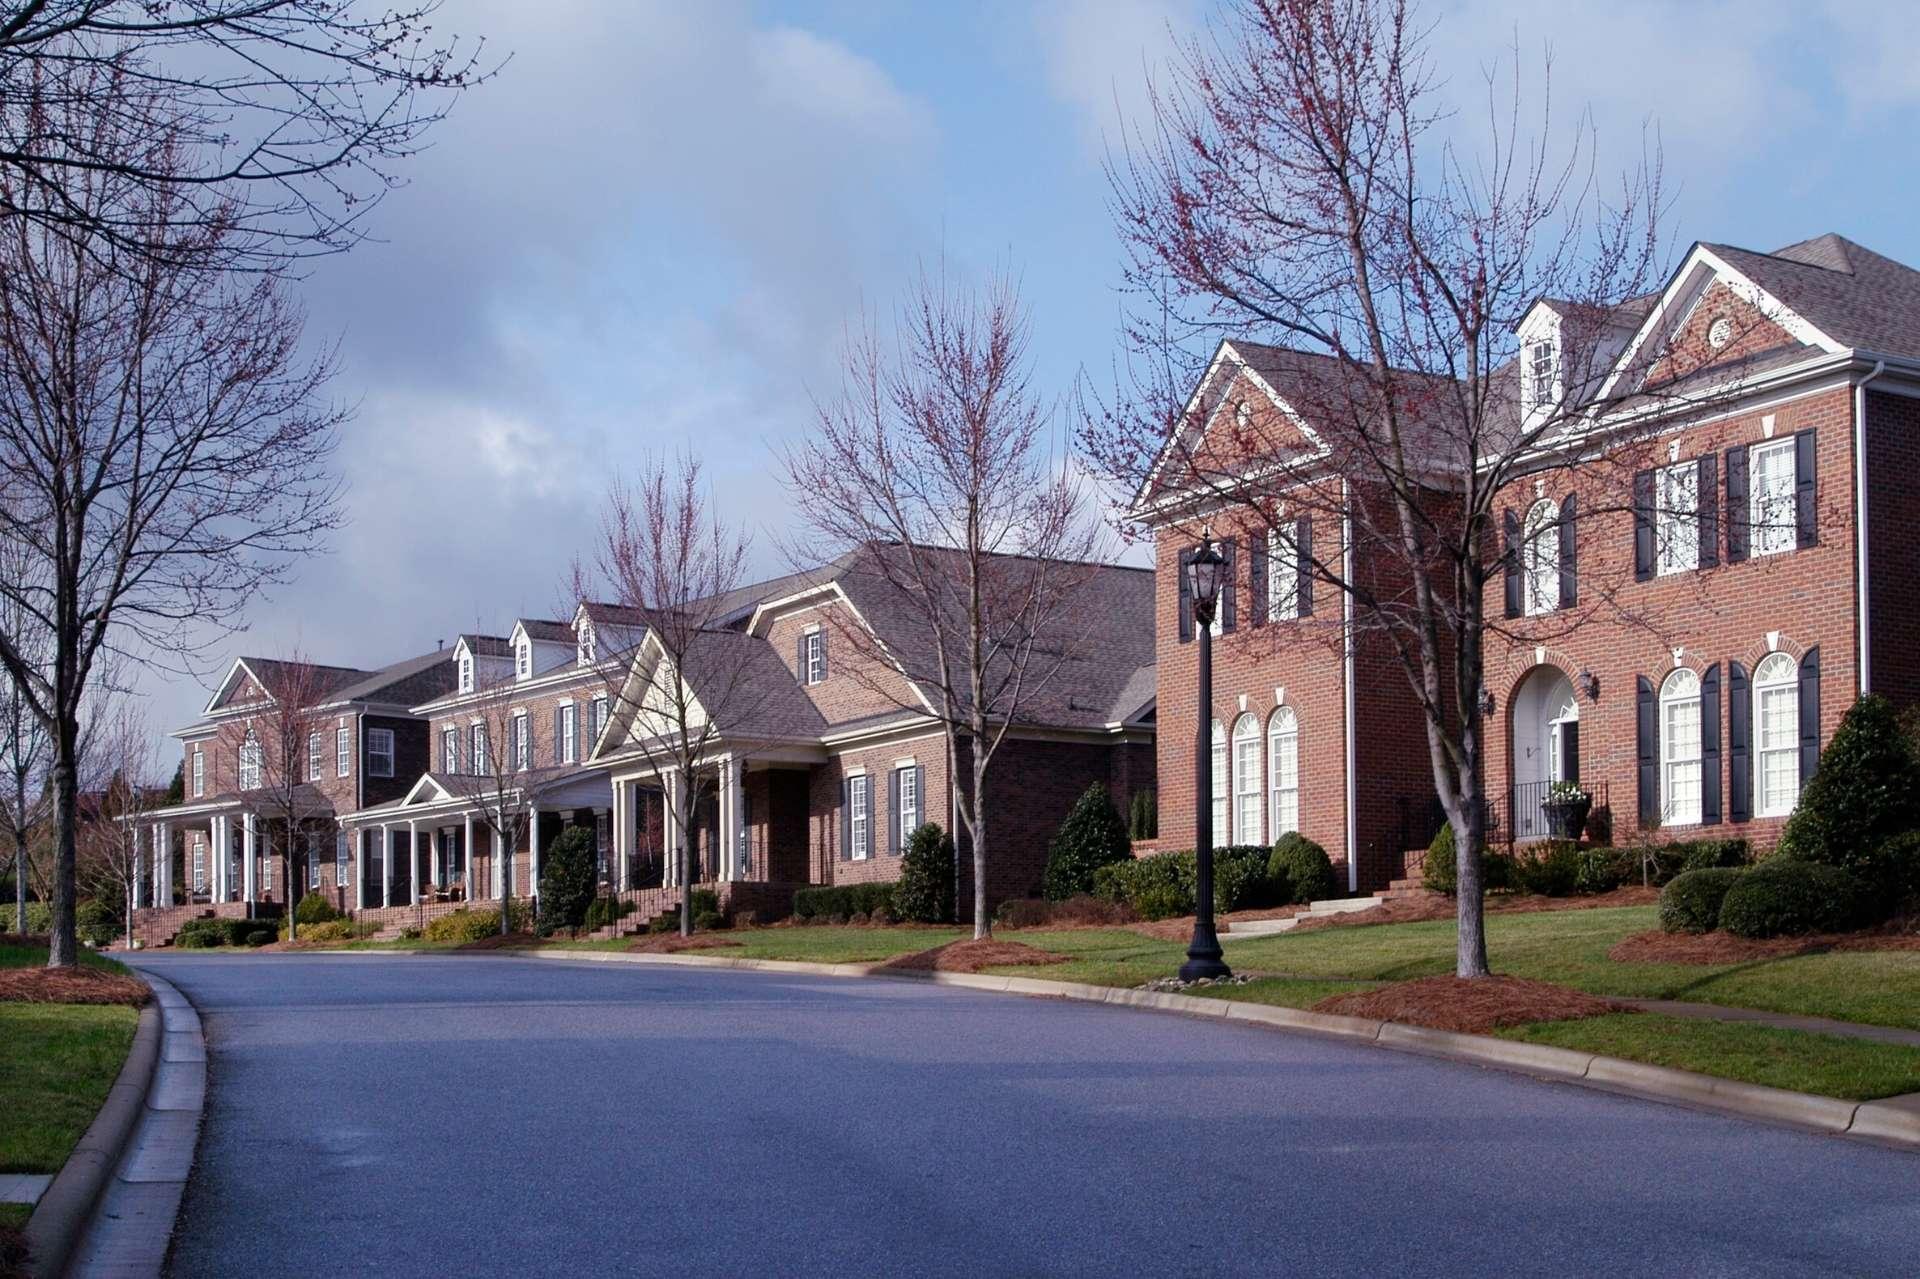 neighborhood8